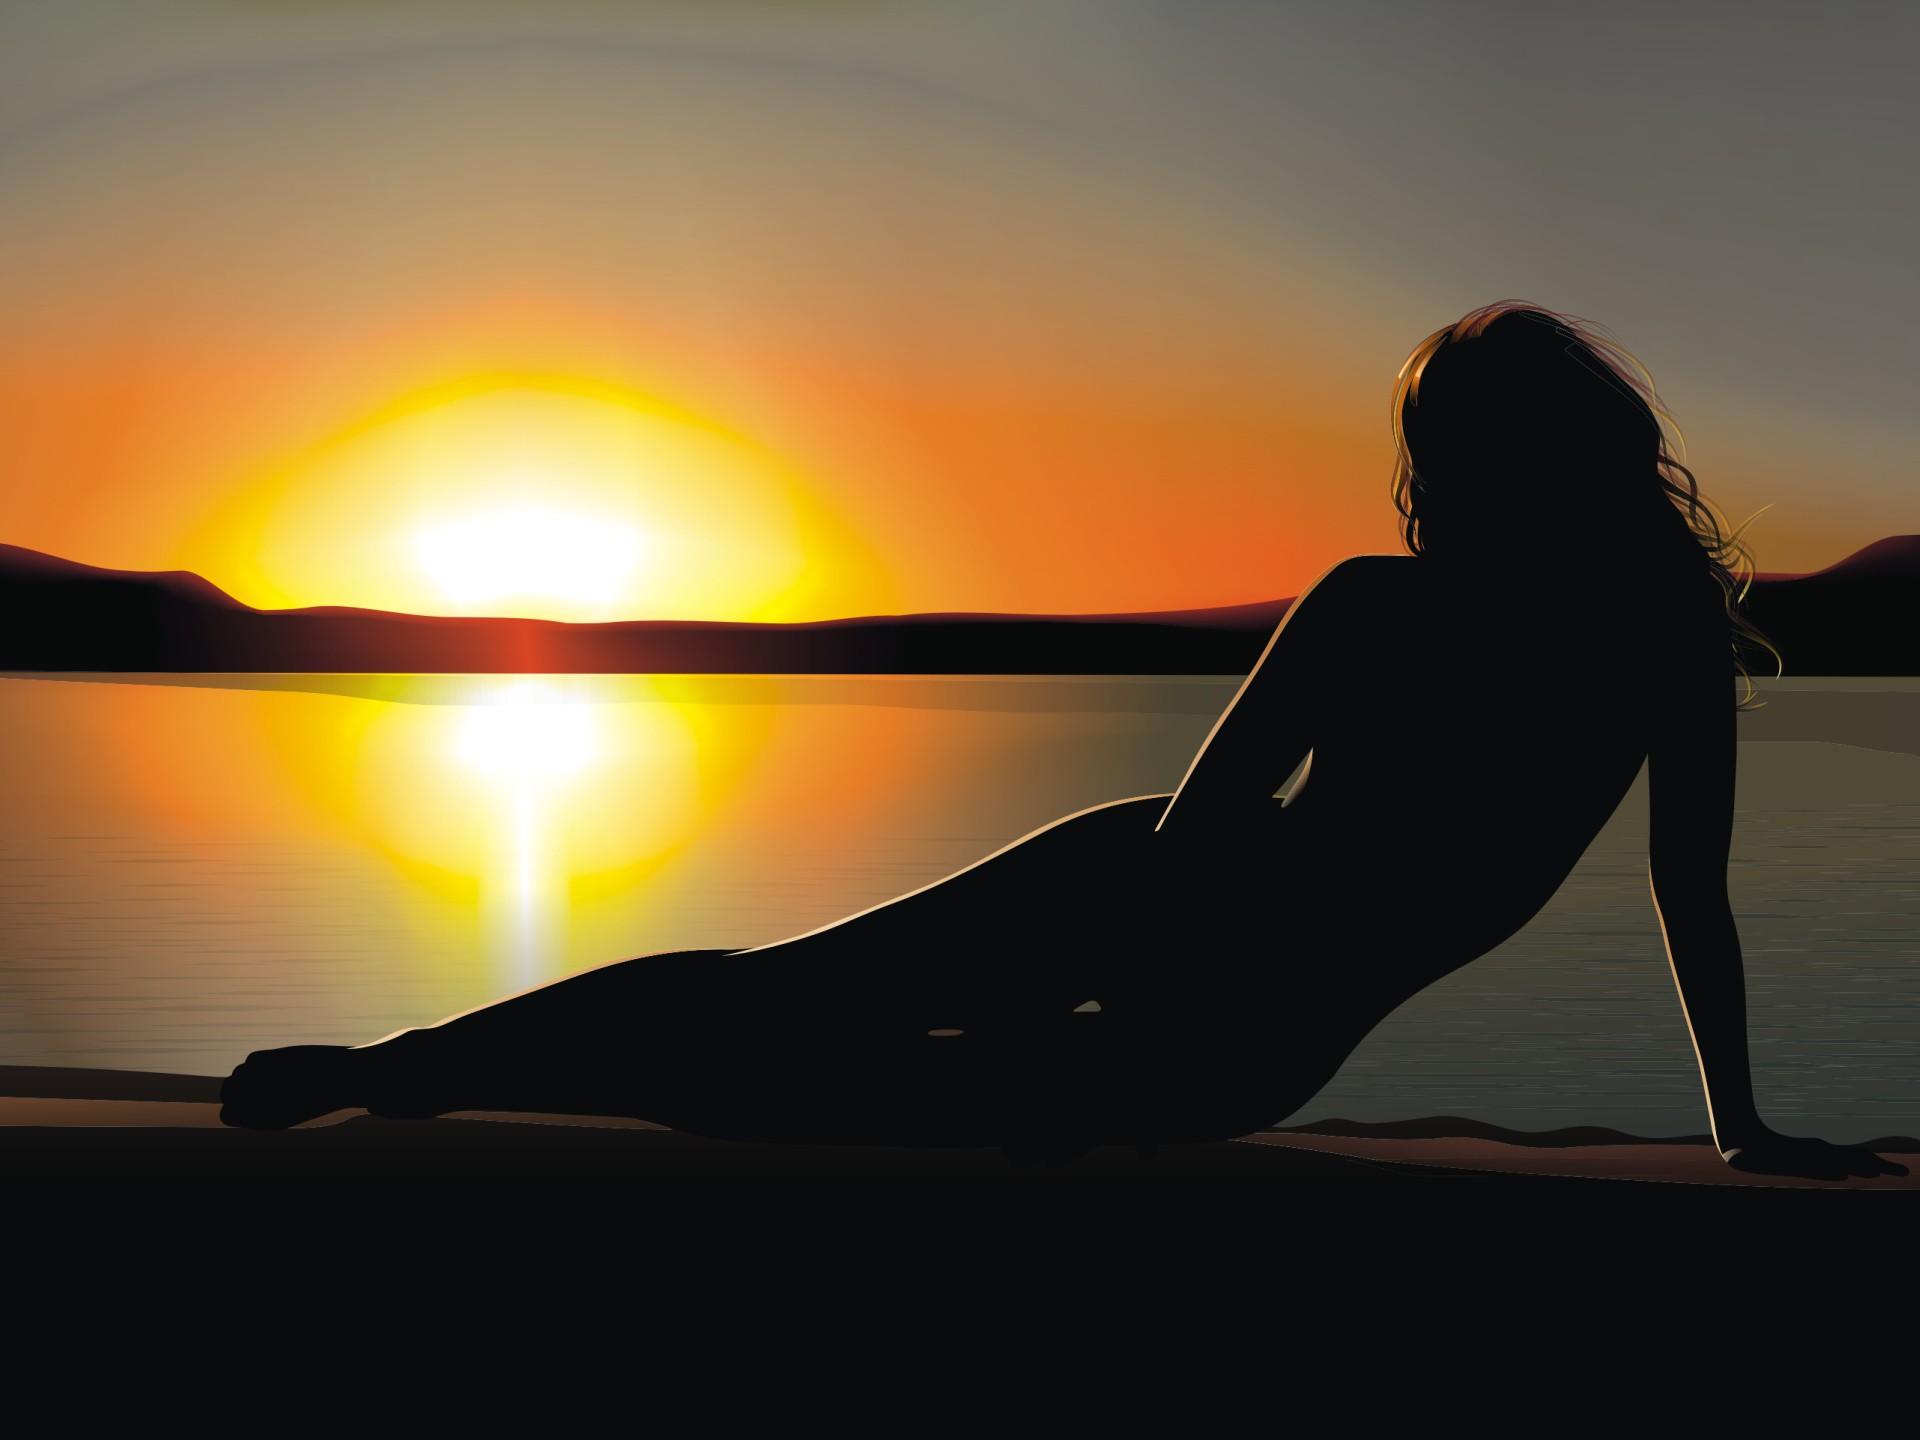 Картинка женский силуэт на закате